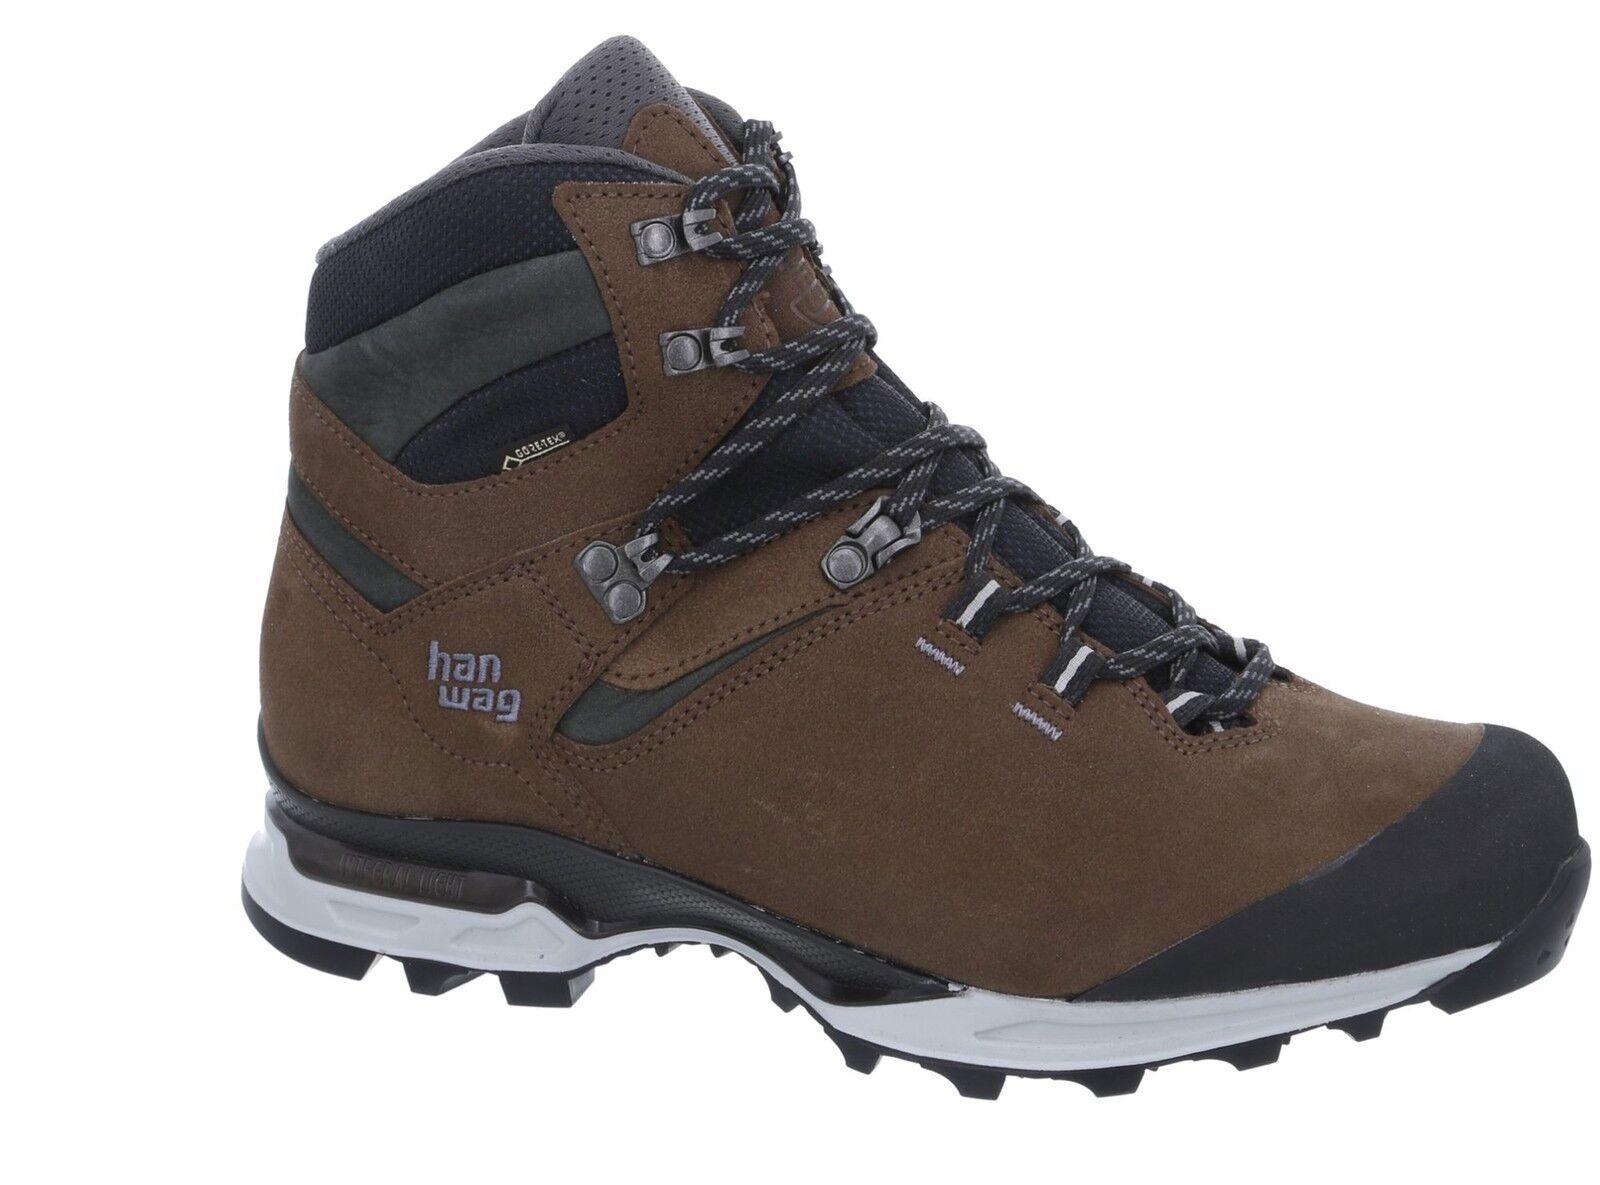 Hanwag montaña zapatos Tatra light GTX talla 8,5 - 42,5 marrón Anthracite